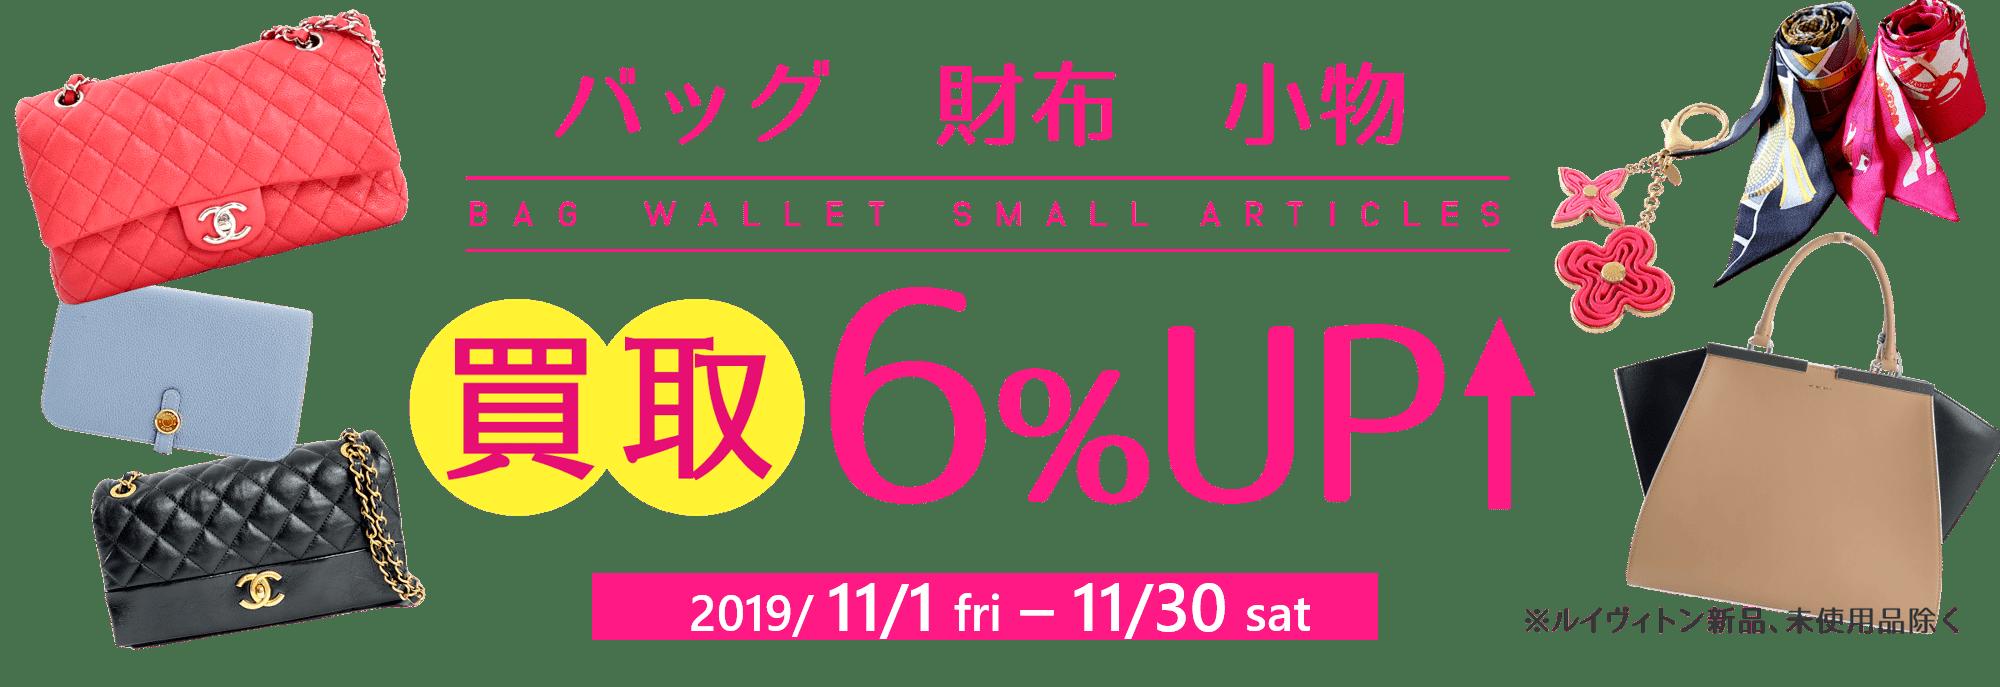 バッグ・財布・小物 買取6%UP